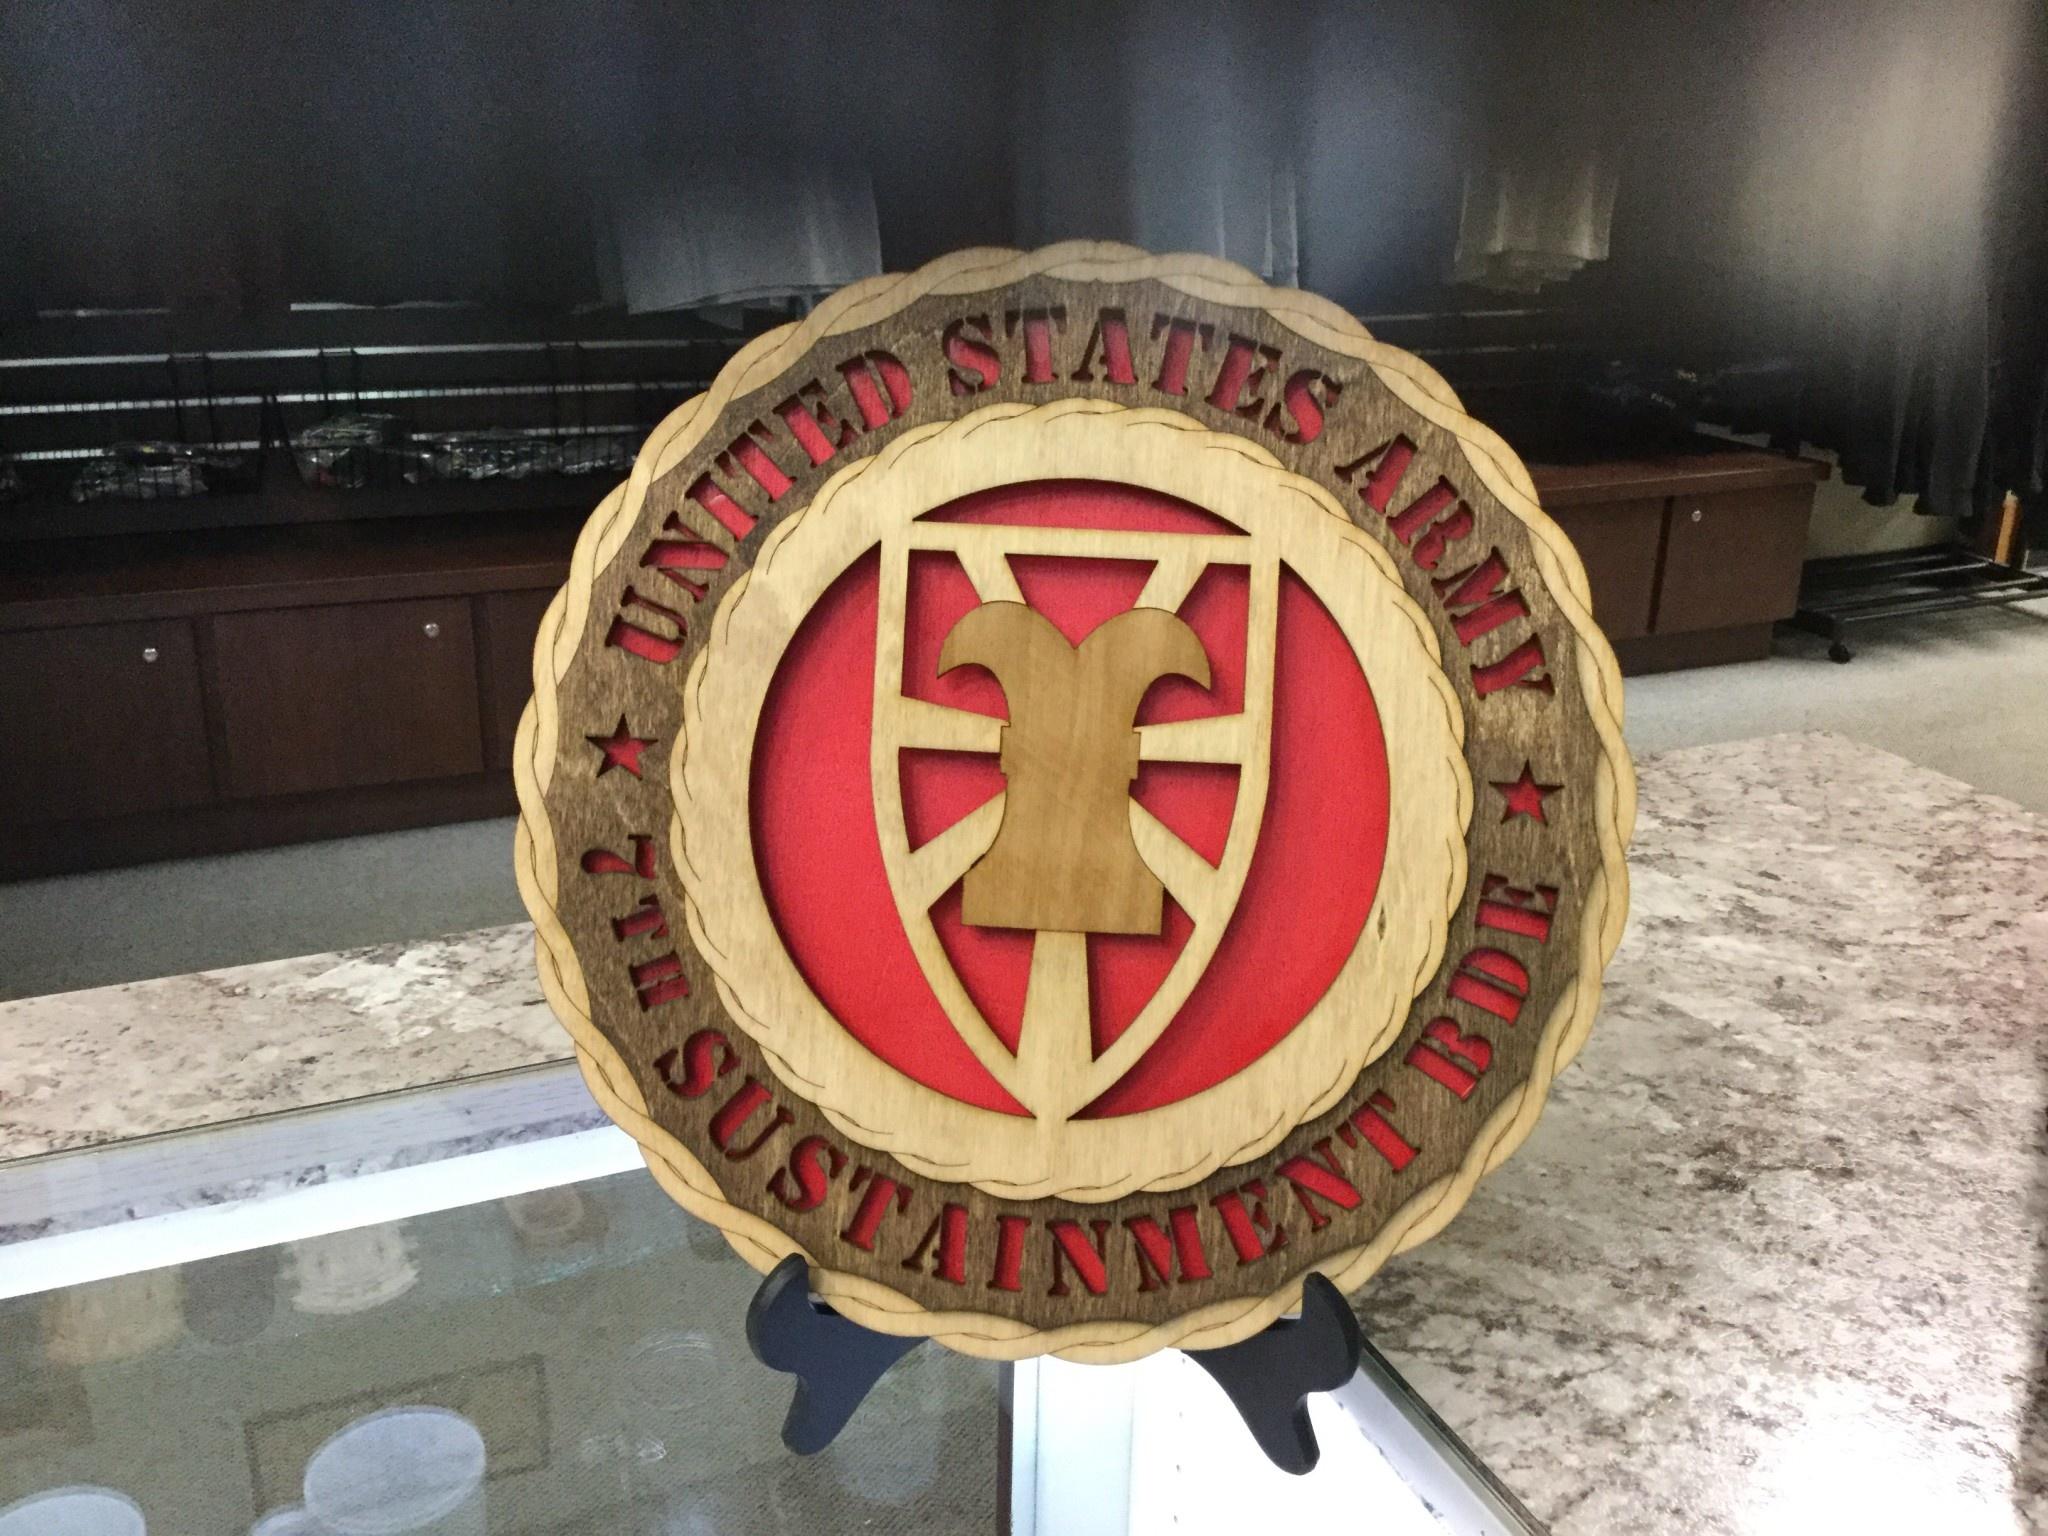 CUSTOM LASER ACCENTS 7th TRANSPORTATION BRIGADE